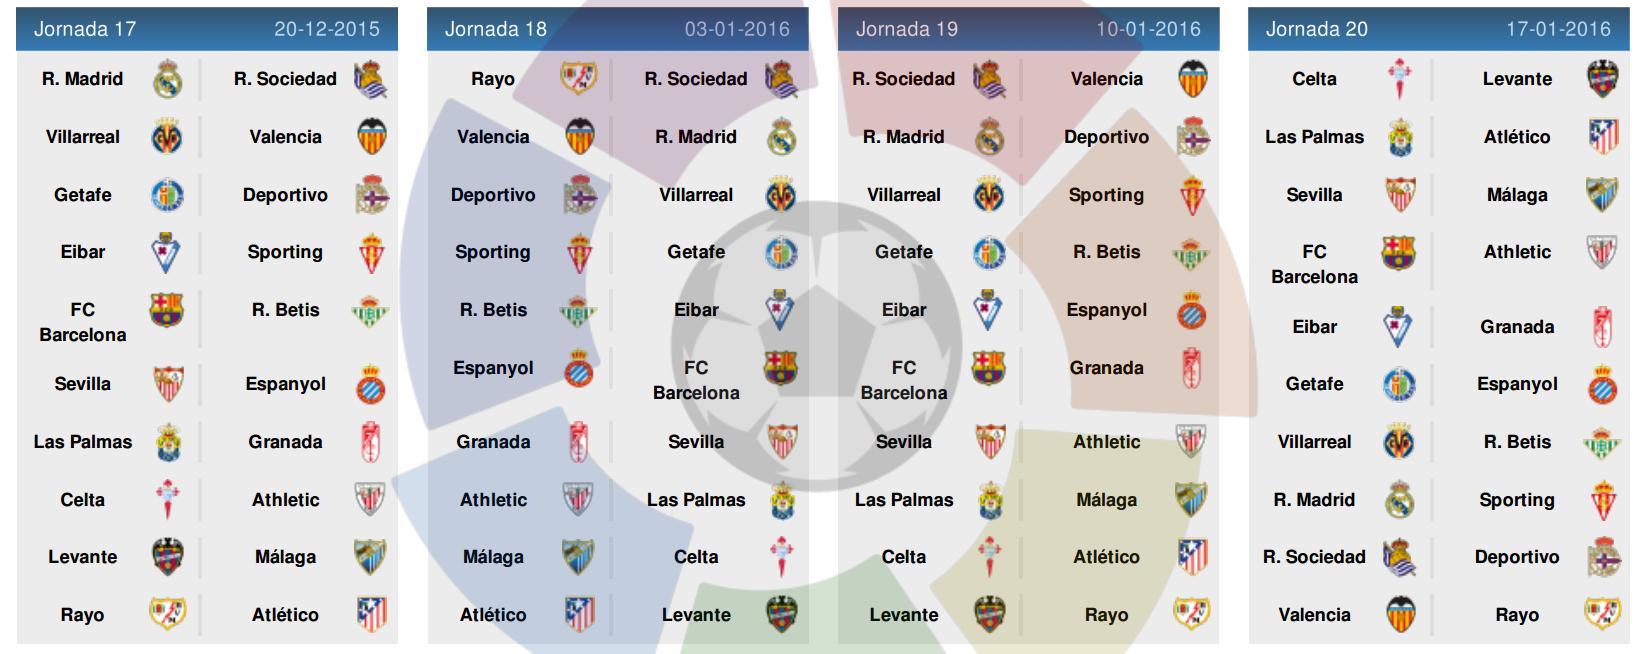 Jadwal Pertandingan Bola Nasional